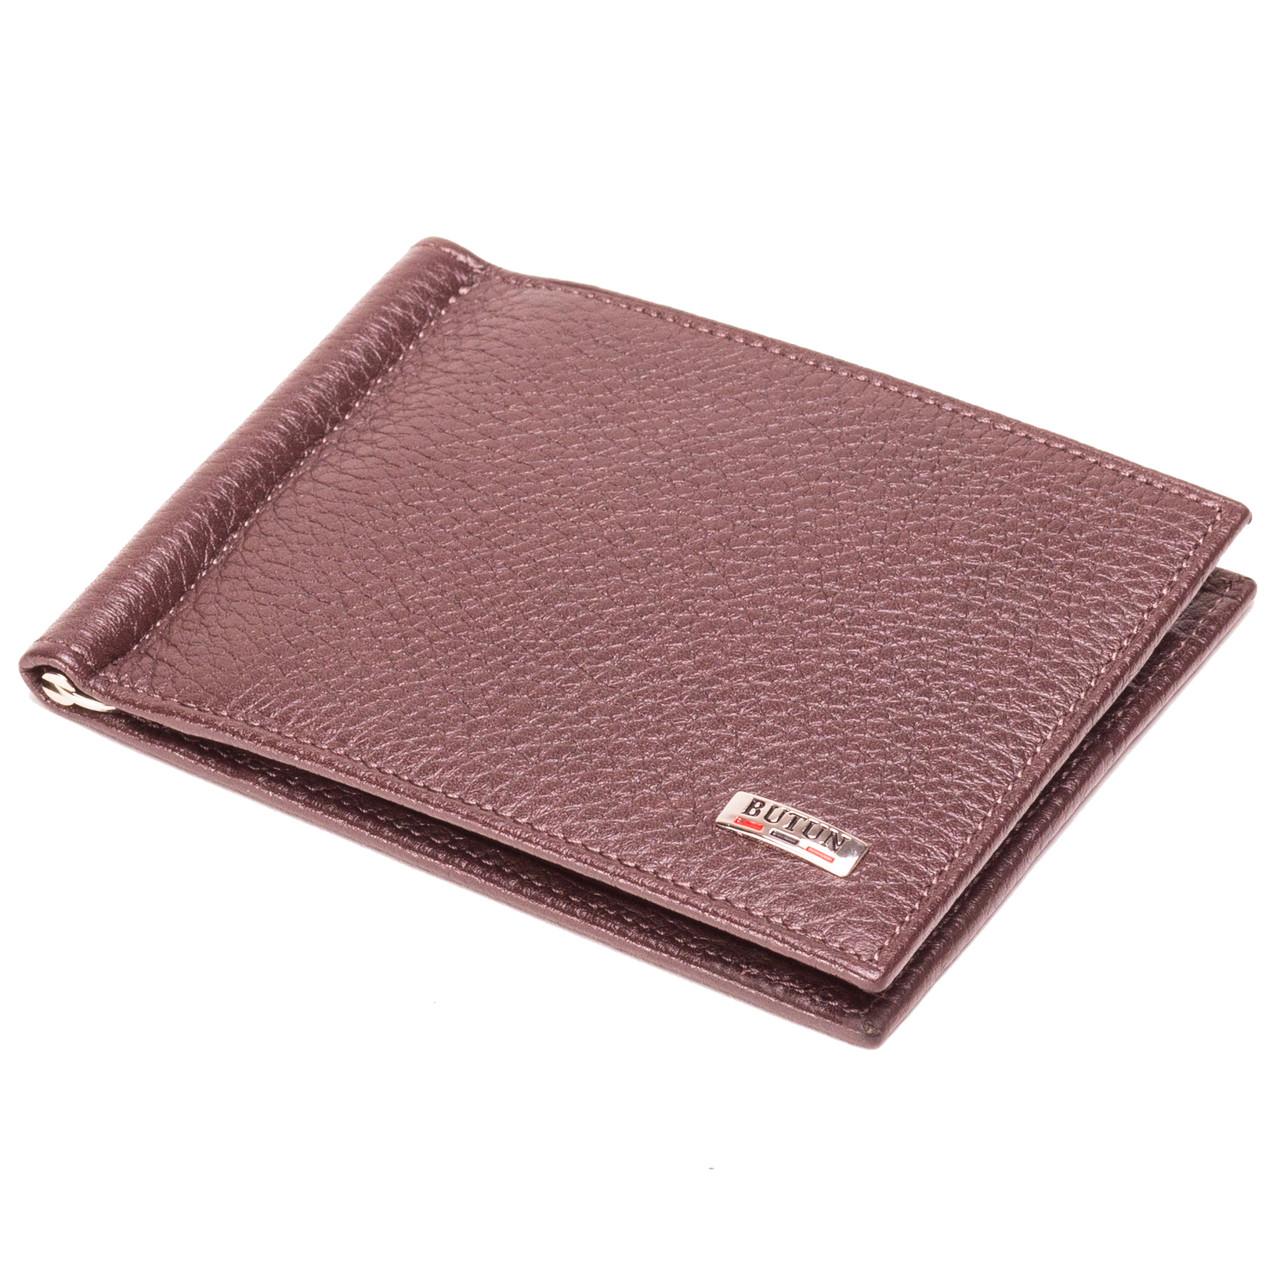 Кожаный зажим для денег коричневый  Butun 250-004-004